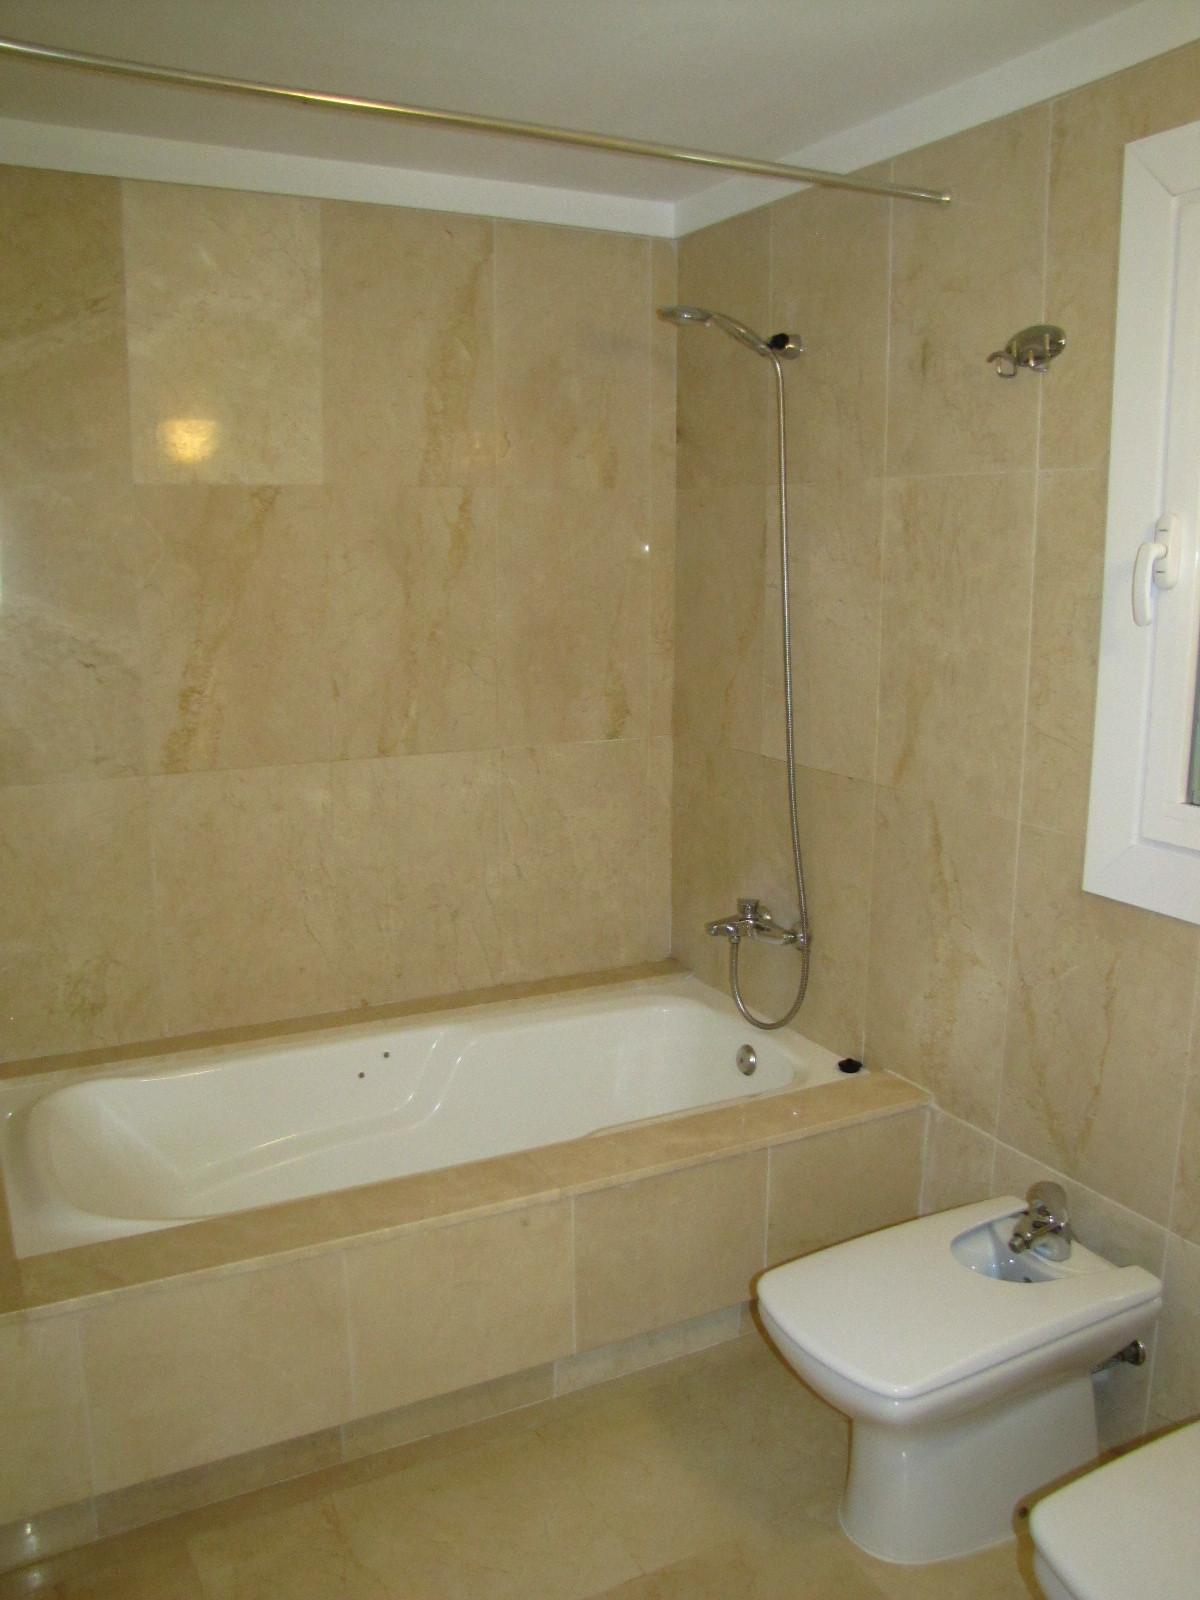 3501 mediterrane moderne villa mit fantastischem for Badezimmer 5000 euro